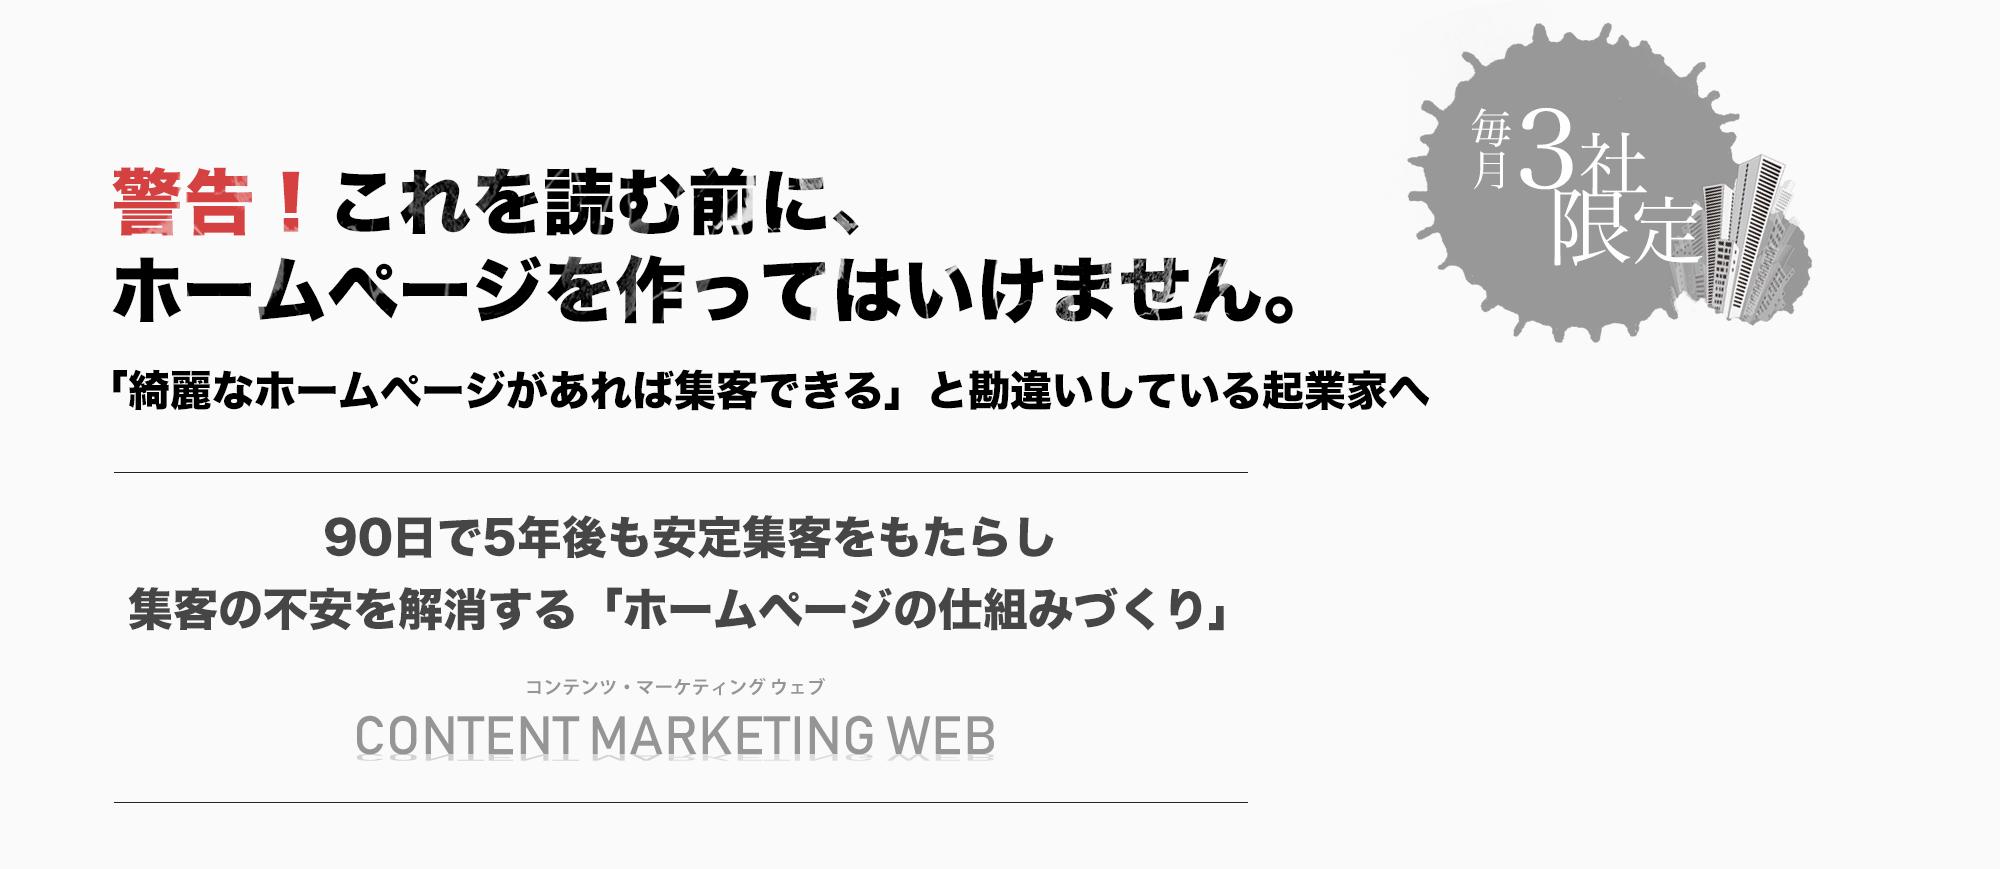 売上を上げる集客ホームページ制作なら神奈川県藤沢市のソニド-SONIDO-